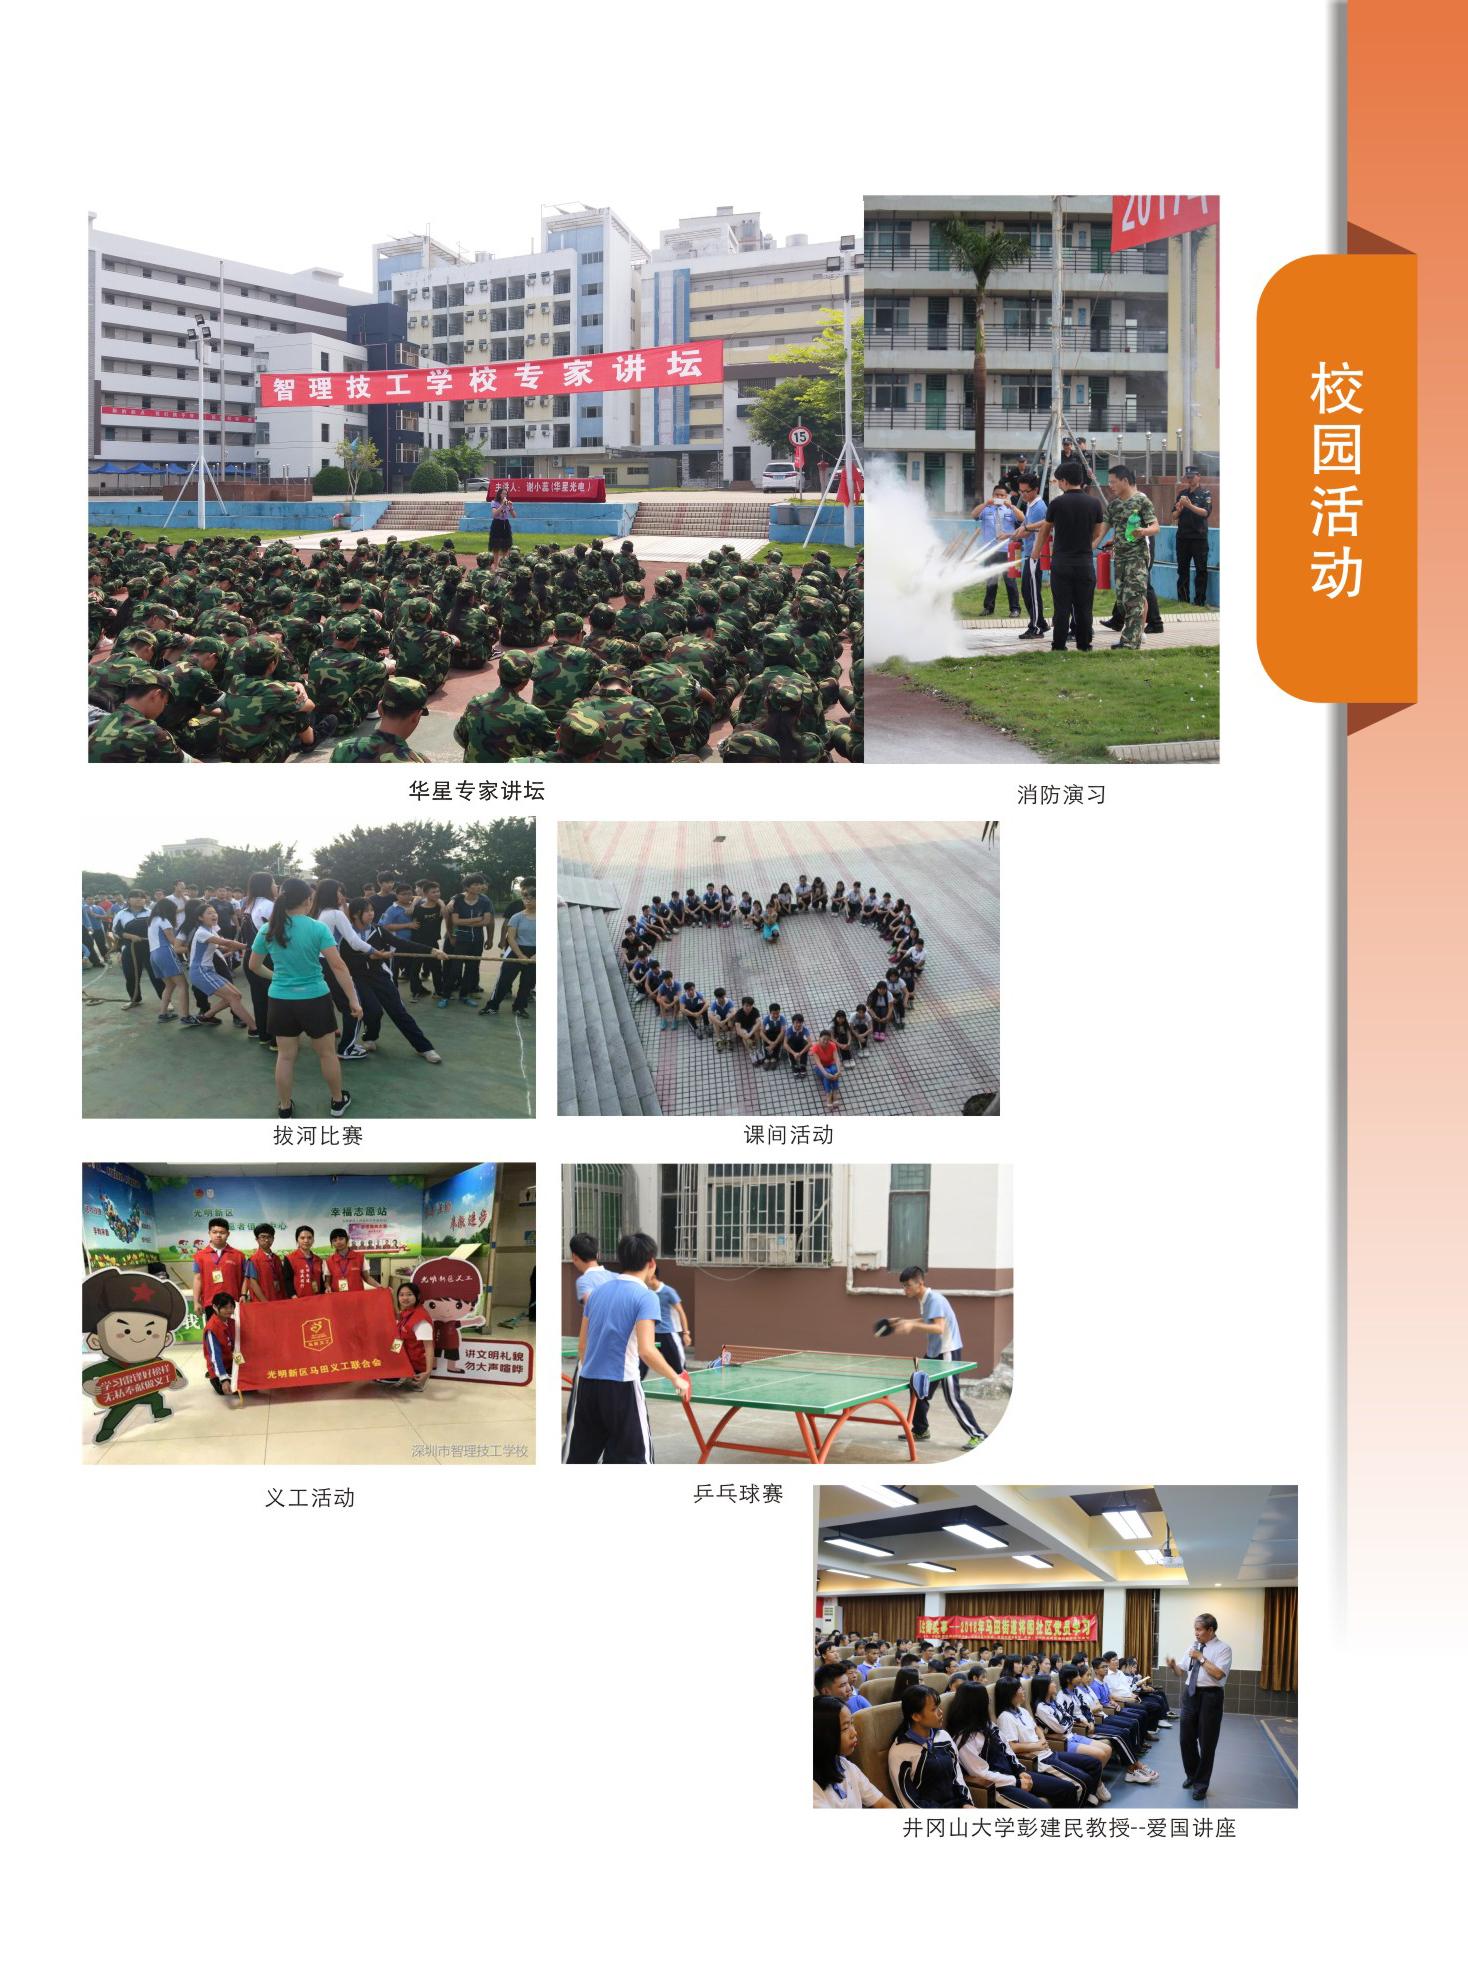 深圳市智理技工学校2019年招生简章校园活动